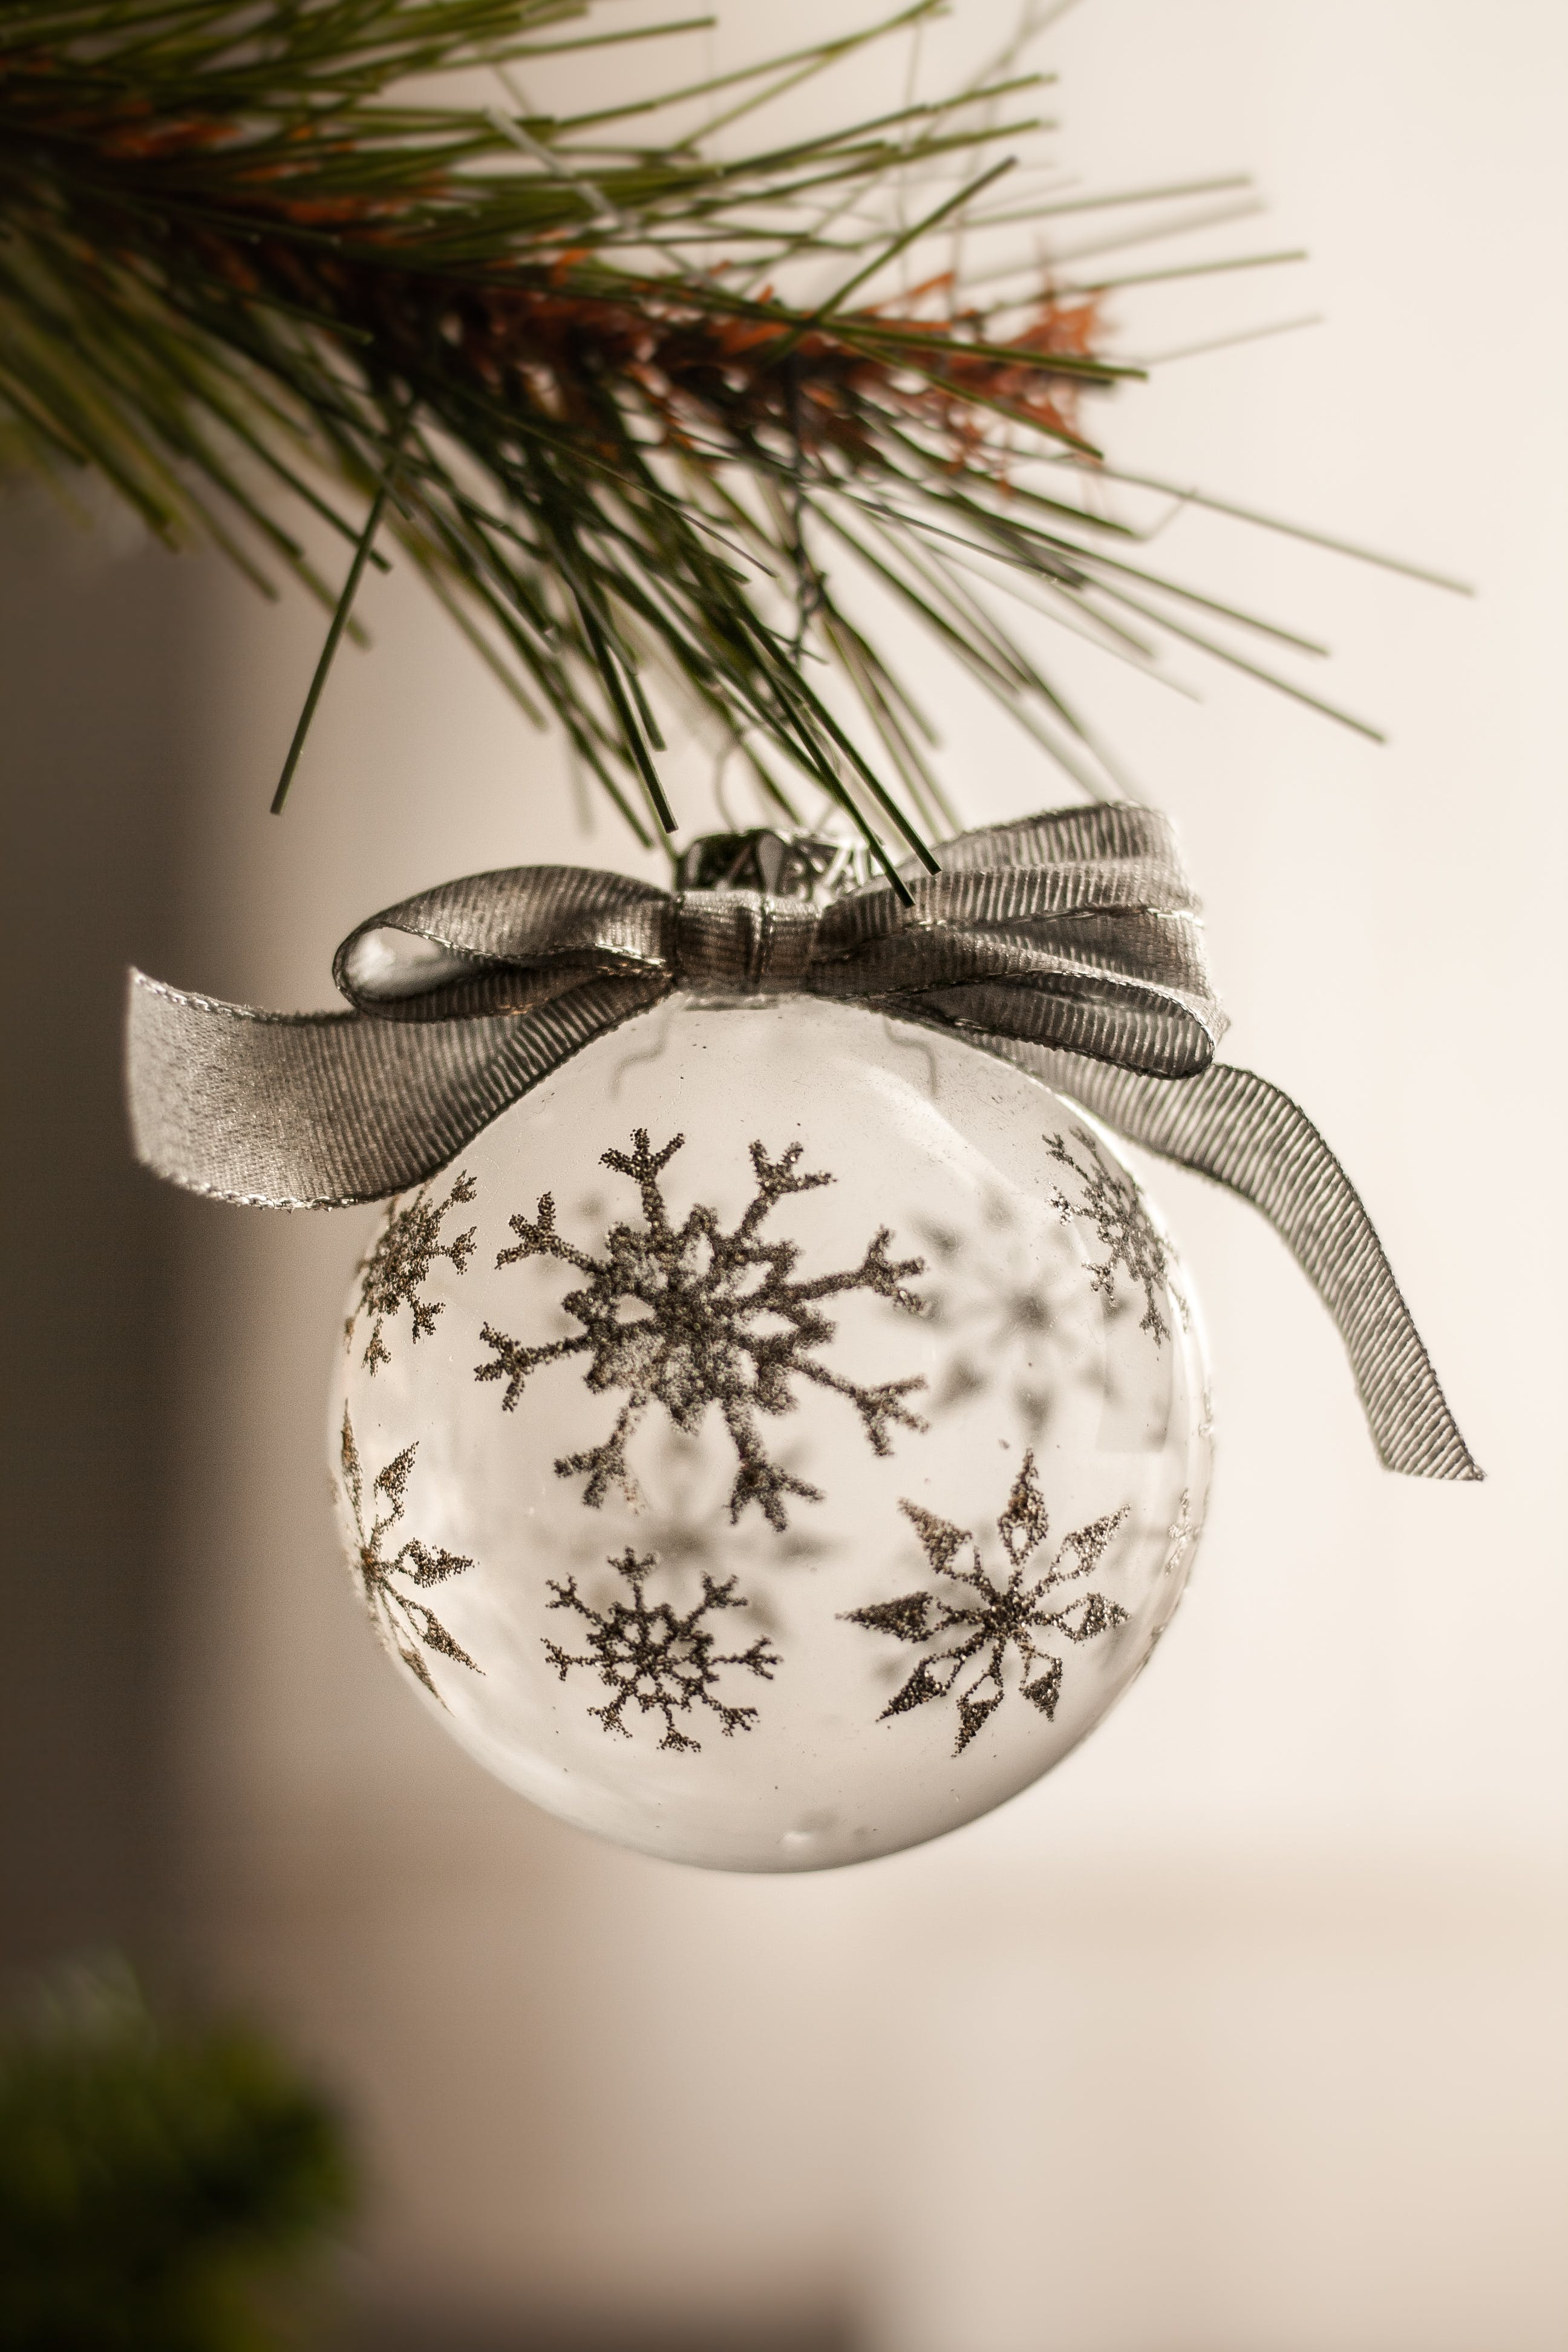 Бесплатное стоковое фото с висячий, елочная игрушка, максросъемка, рождественская елка